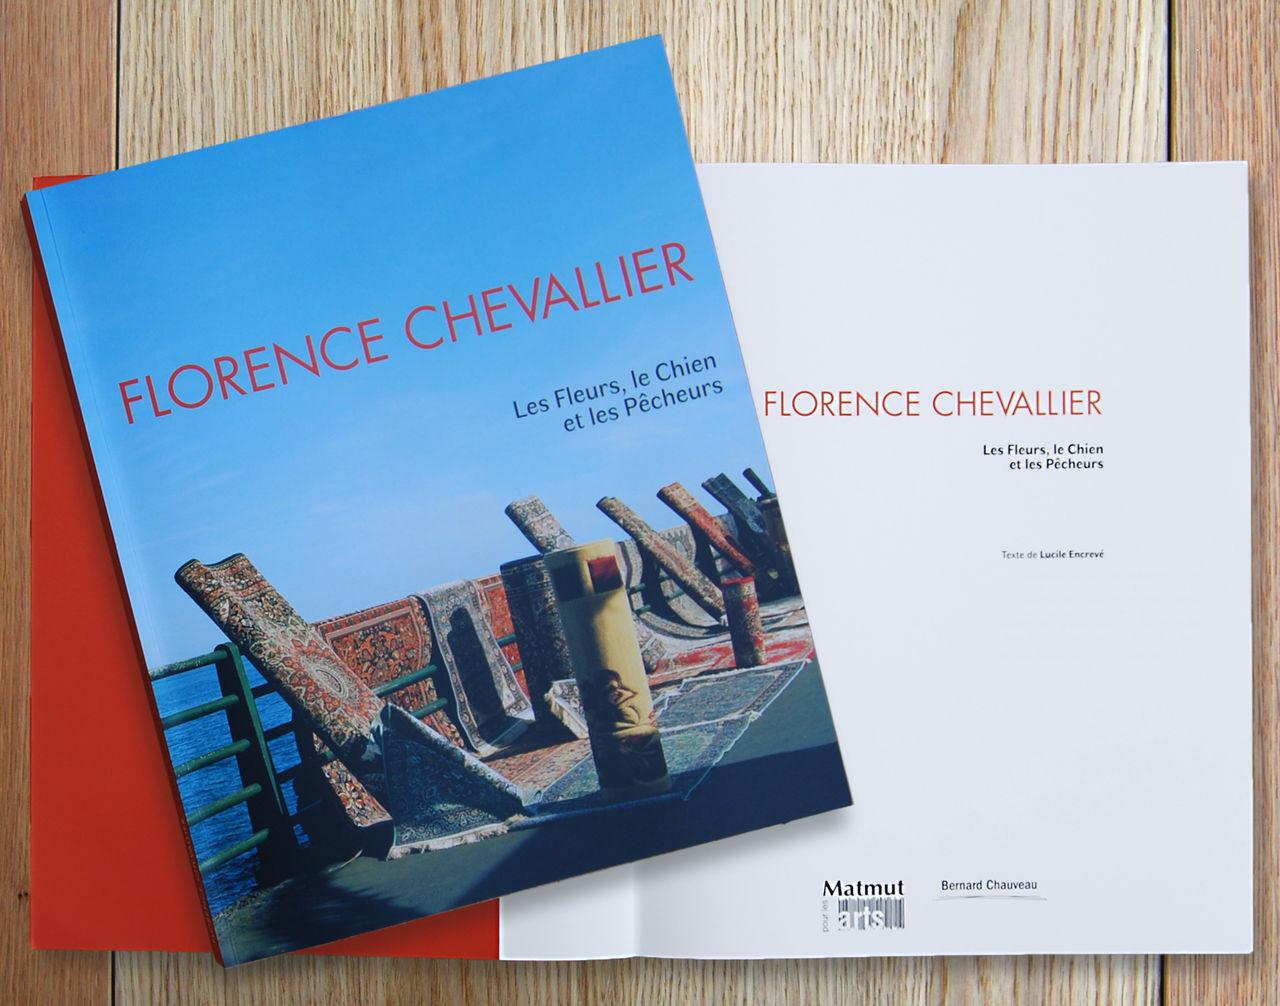 Livre de photos de Florence Chevallier